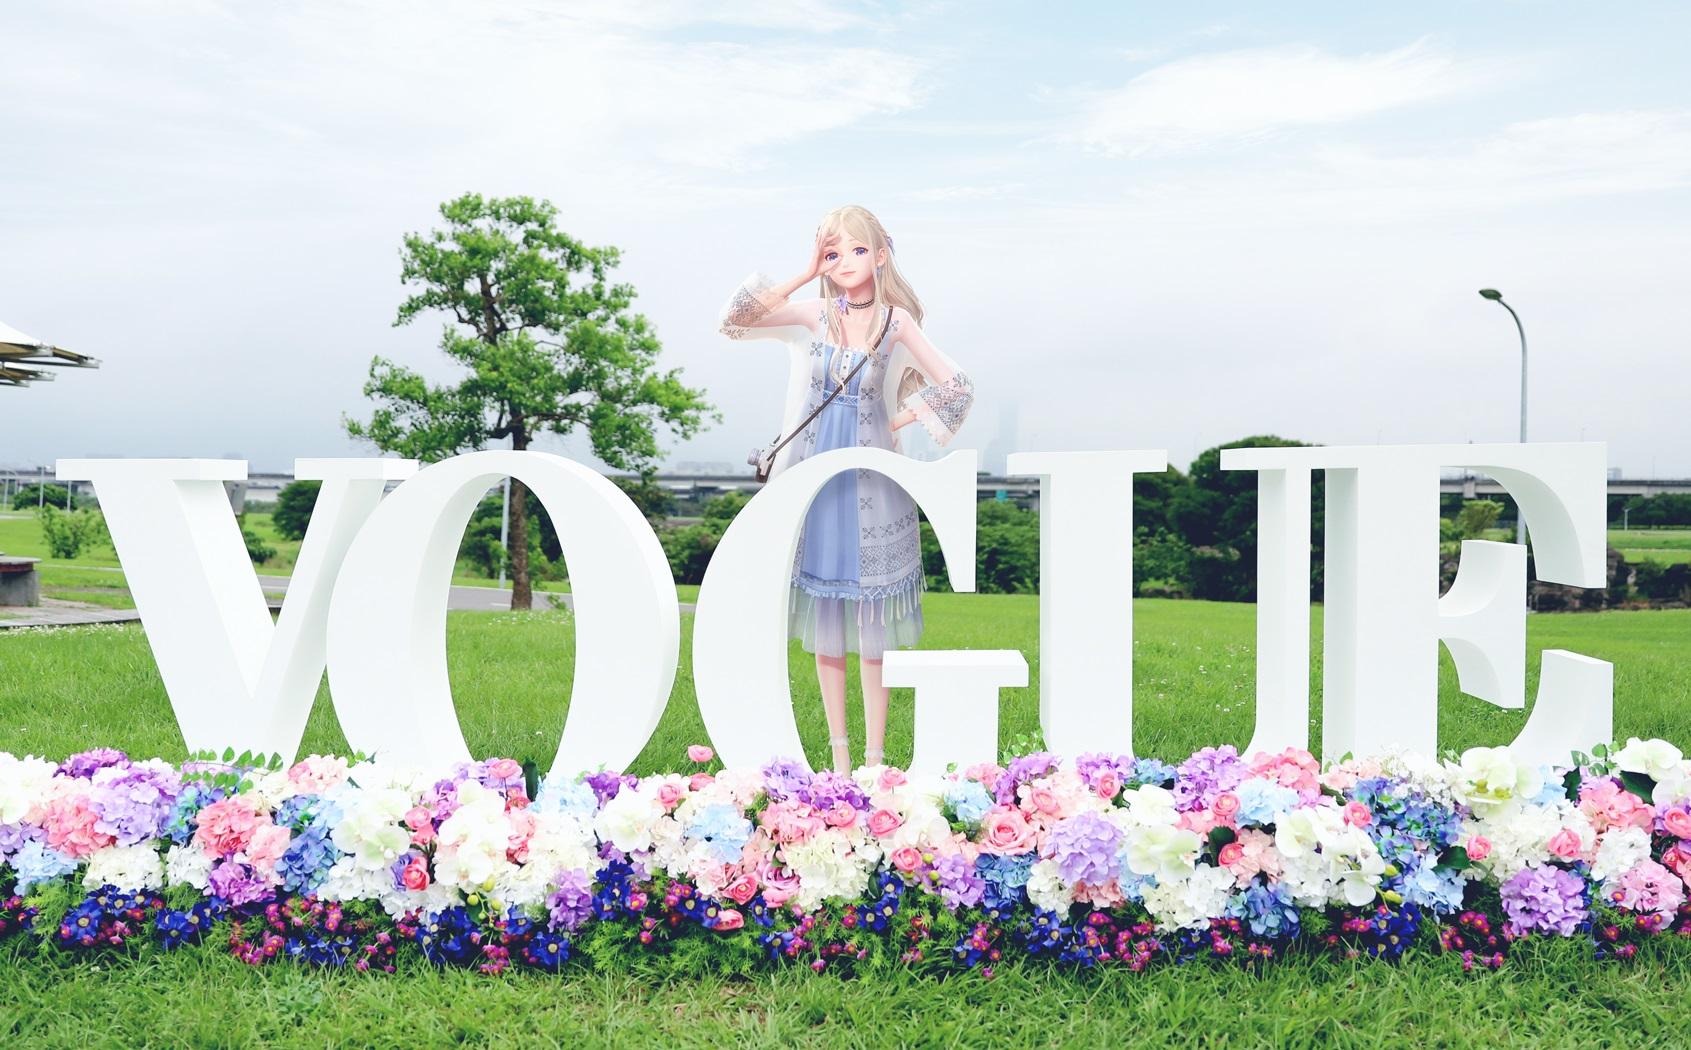 《閃耀暖暖》首次加入VOGUE風格野餐日 打造初夏時尚野餐之旅